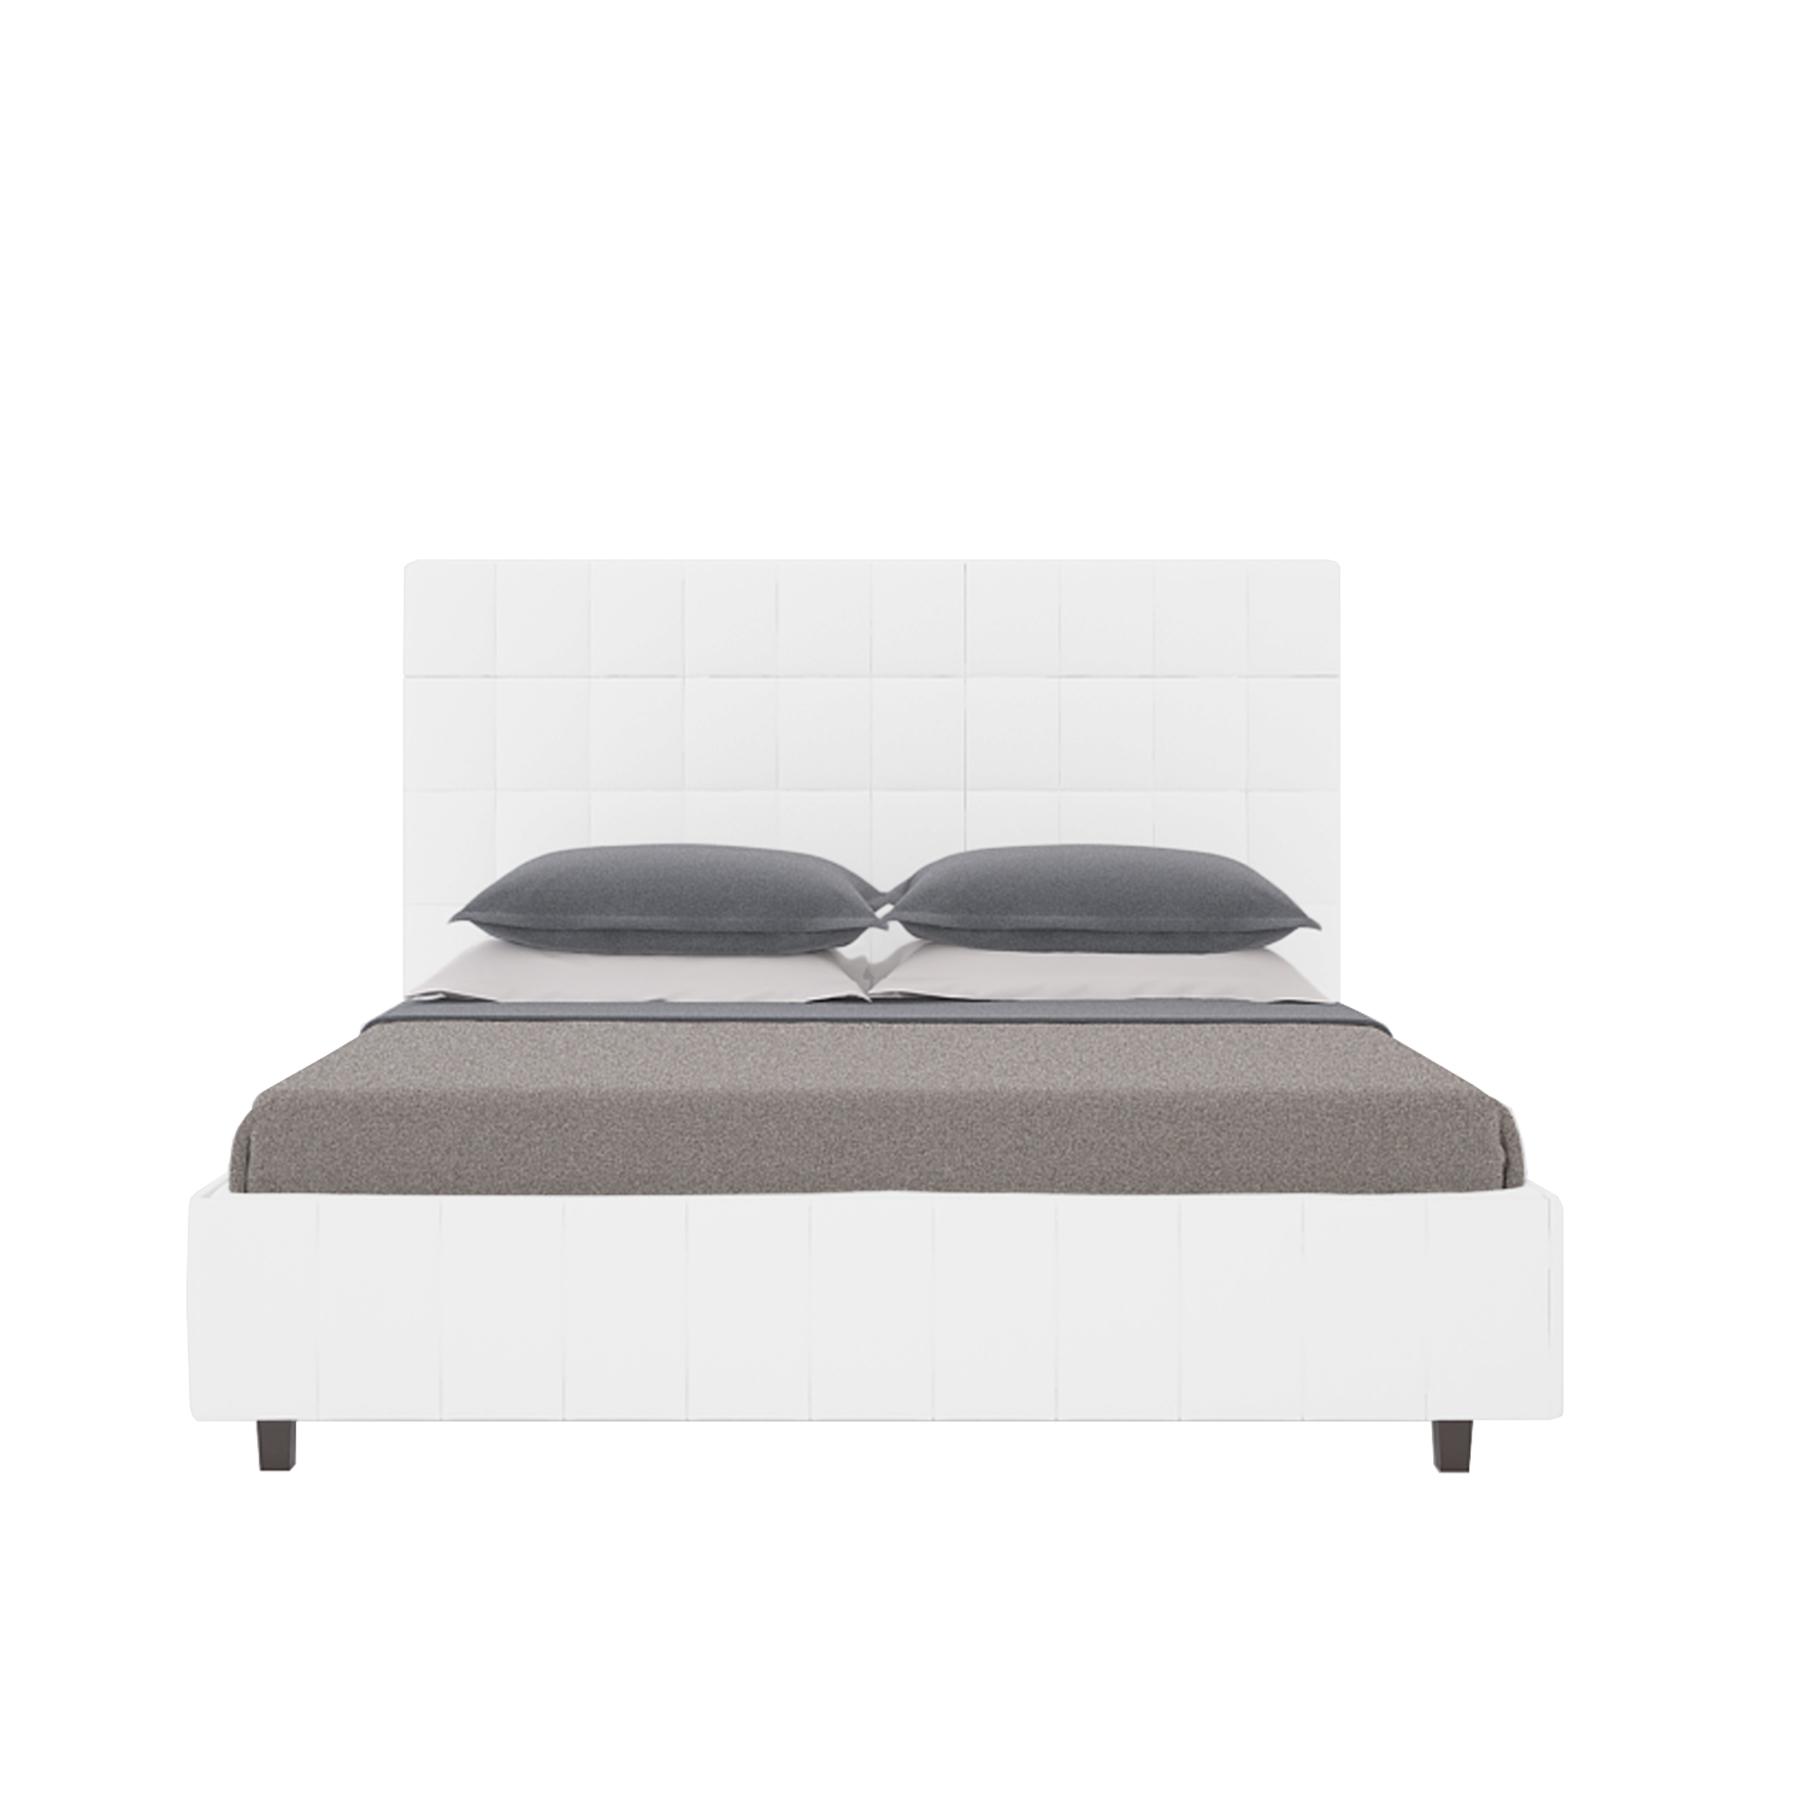 Кровать Shining ModernКровати с мягким изголовьем<br>Удобная и практичная кровать с мягким изголовьем и прочным деревянным каркасом на устойчивых ножках. Поклонники стиля «лофт», несомненно, оценят кровать Shining Modern, в дизайне которой главное — элегантная простота, заключающая в себе очарование и практичность. Строгие формы, отделка мягкого изголовья, основанная на правильной геометрии куба, а также качественный текстиль ? вот что делает облик этого предмета мебели прекрасным в своей сдержанности. Выполненная в строгом промышленном стиле, она покоряет не только оригинальным оформлением, но и удобством. Кровать Shining Modern станет отличным элементом оформления спальни.&amp;amp;nbsp;&amp;lt;div&amp;gt;&amp;lt;br&amp;gt;&amp;lt;/div&amp;gt;&amp;lt;div&amp;gt;Размер спального места: 160*200 см.&amp;amp;nbsp;&amp;lt;/div&amp;gt;&amp;lt;div&amp;gt;Ортопедическое основание и матрас в комплект не входят, их необходимо приобрести отдельно.&amp;amp;nbsp;&amp;lt;/div&amp;gt;&amp;lt;div&amp;gt;На заказ изготовим любой цвет из представленных на нашем сайте, а также любой размер.&amp;amp;nbsp;&amp;lt;/div&amp;gt;&amp;lt;div&amp;gt;Срок изготовления заказной позиции — 30 дней.&amp;amp;nbsp;&amp;lt;br&amp;gt;&amp;lt;/div&amp;gt;<br><br>Material: Текстиль<br>Length см: None<br>Width см: 232<br>Depth см: 177<br>Height см: 119